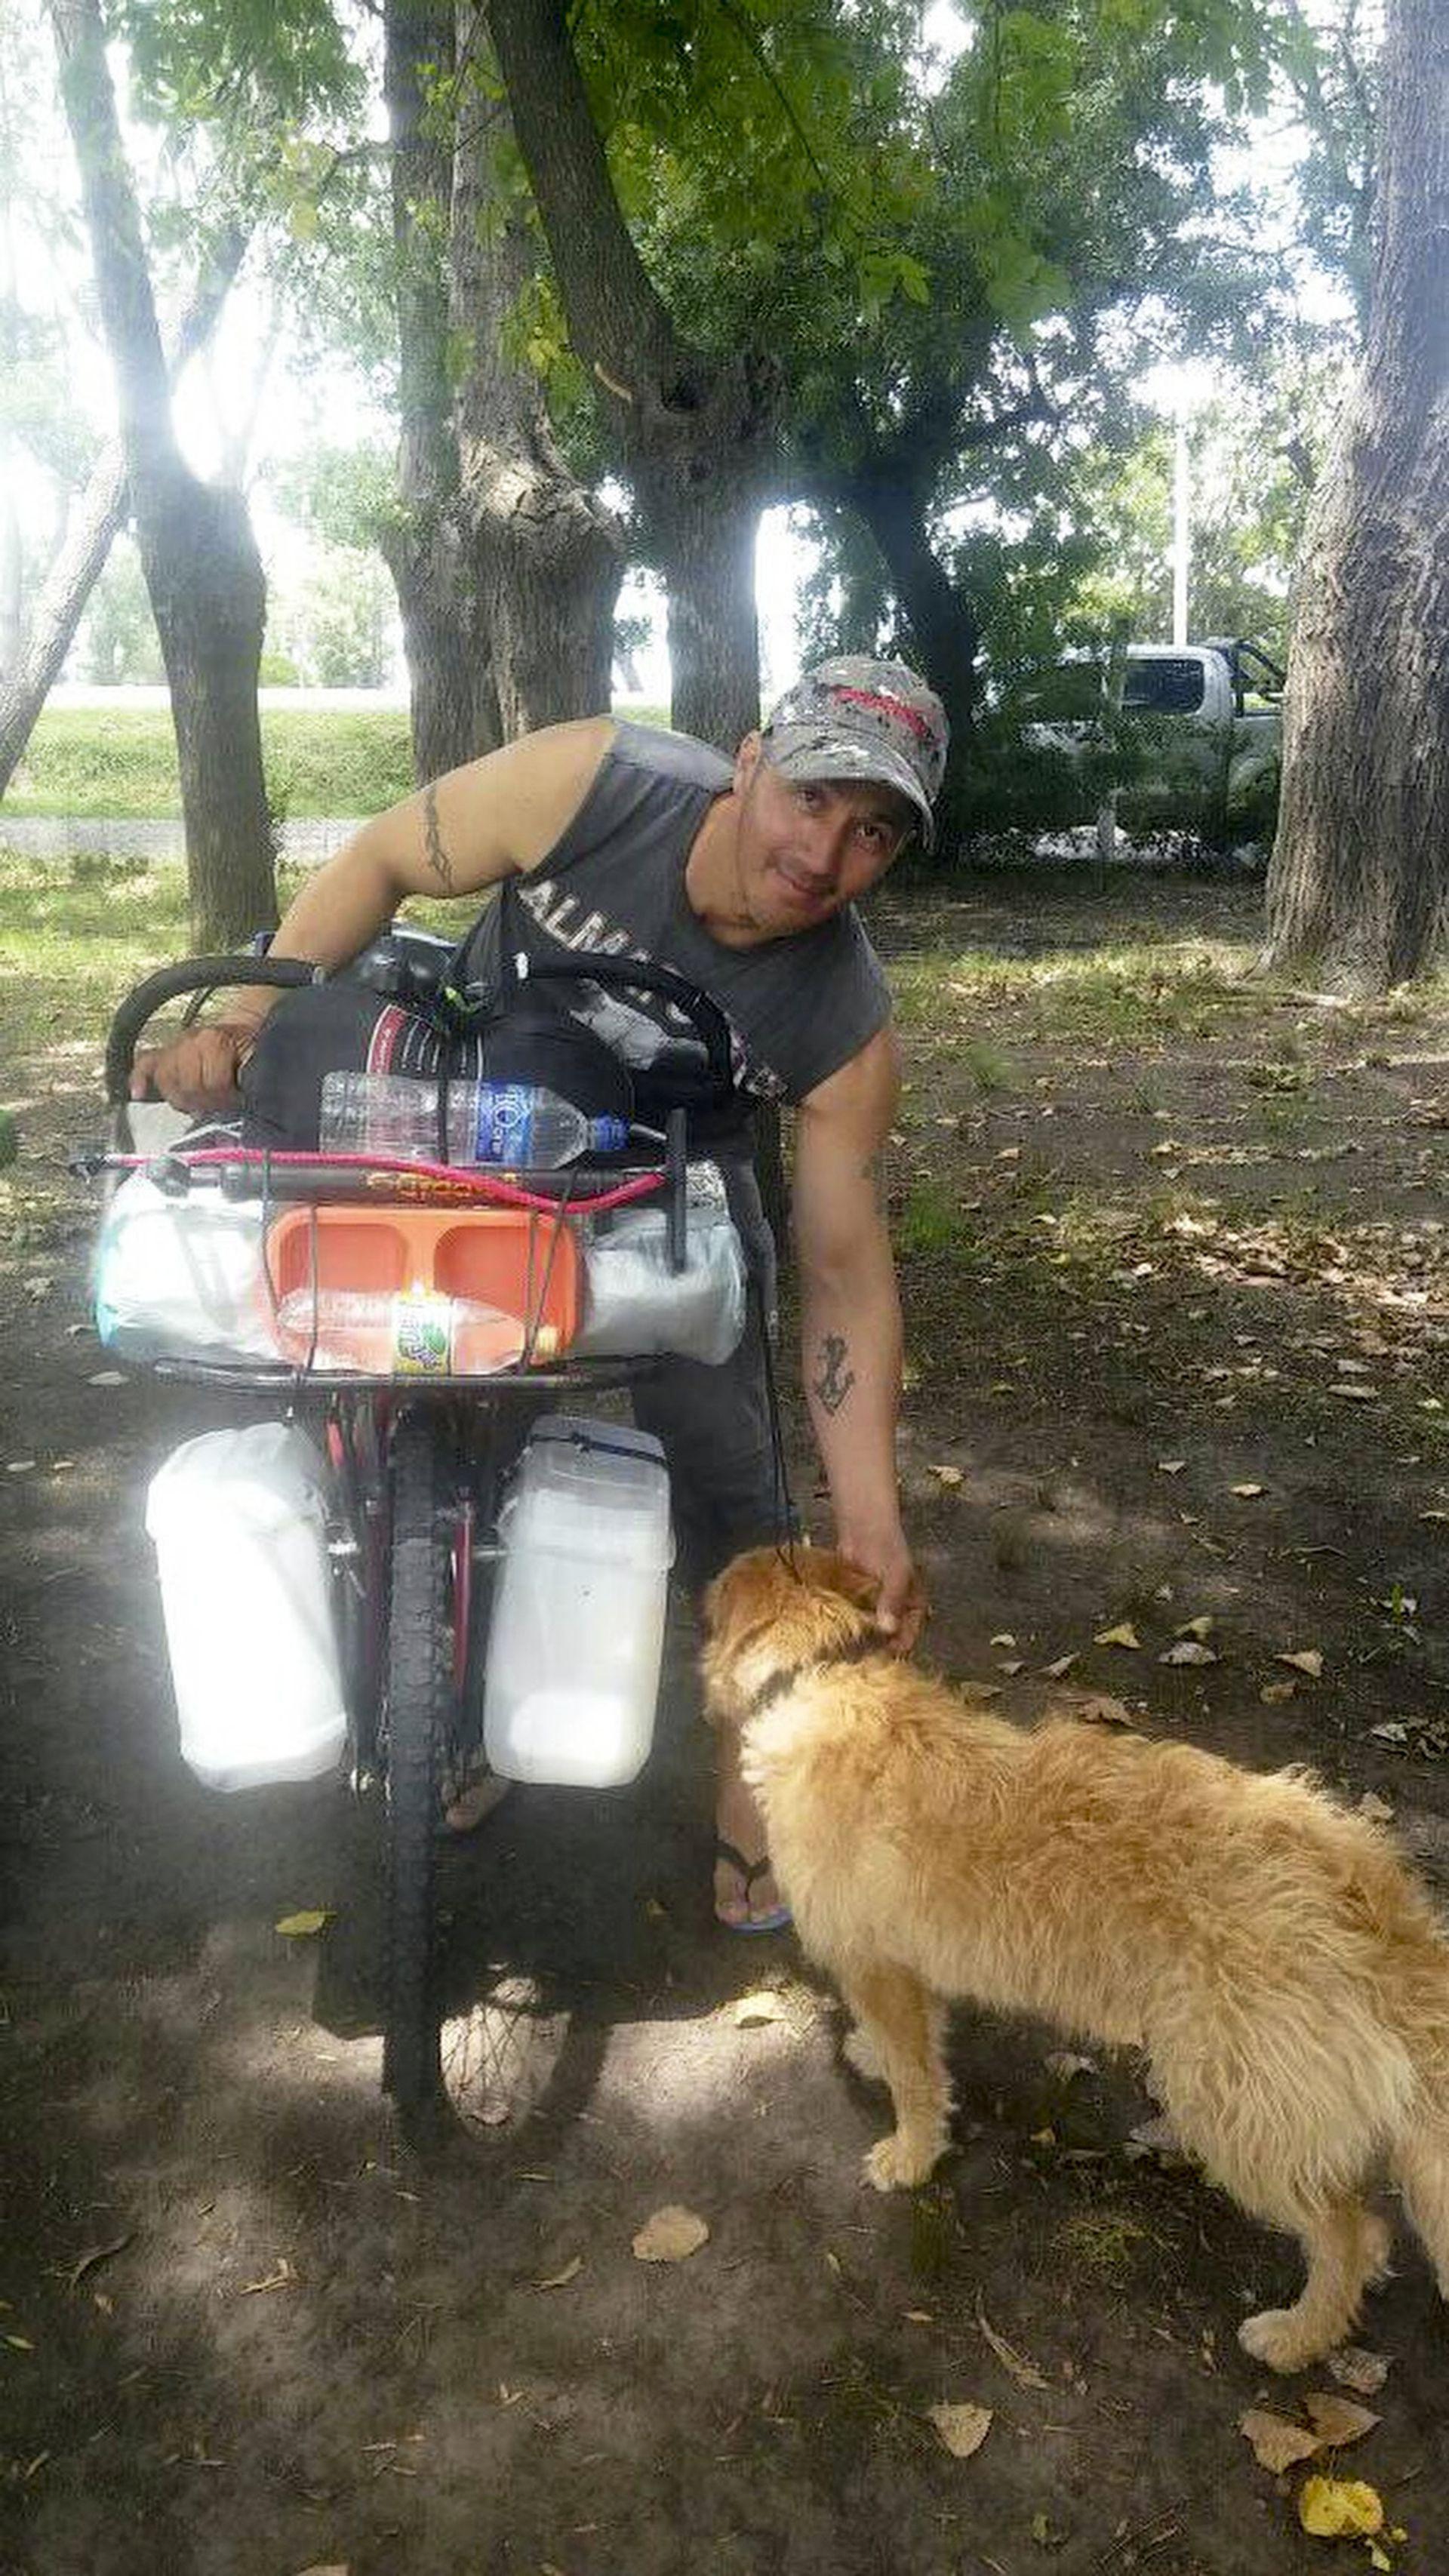 Con una bici sin cambios y su perra, Carlos Méndez emprendió un viaje al sur